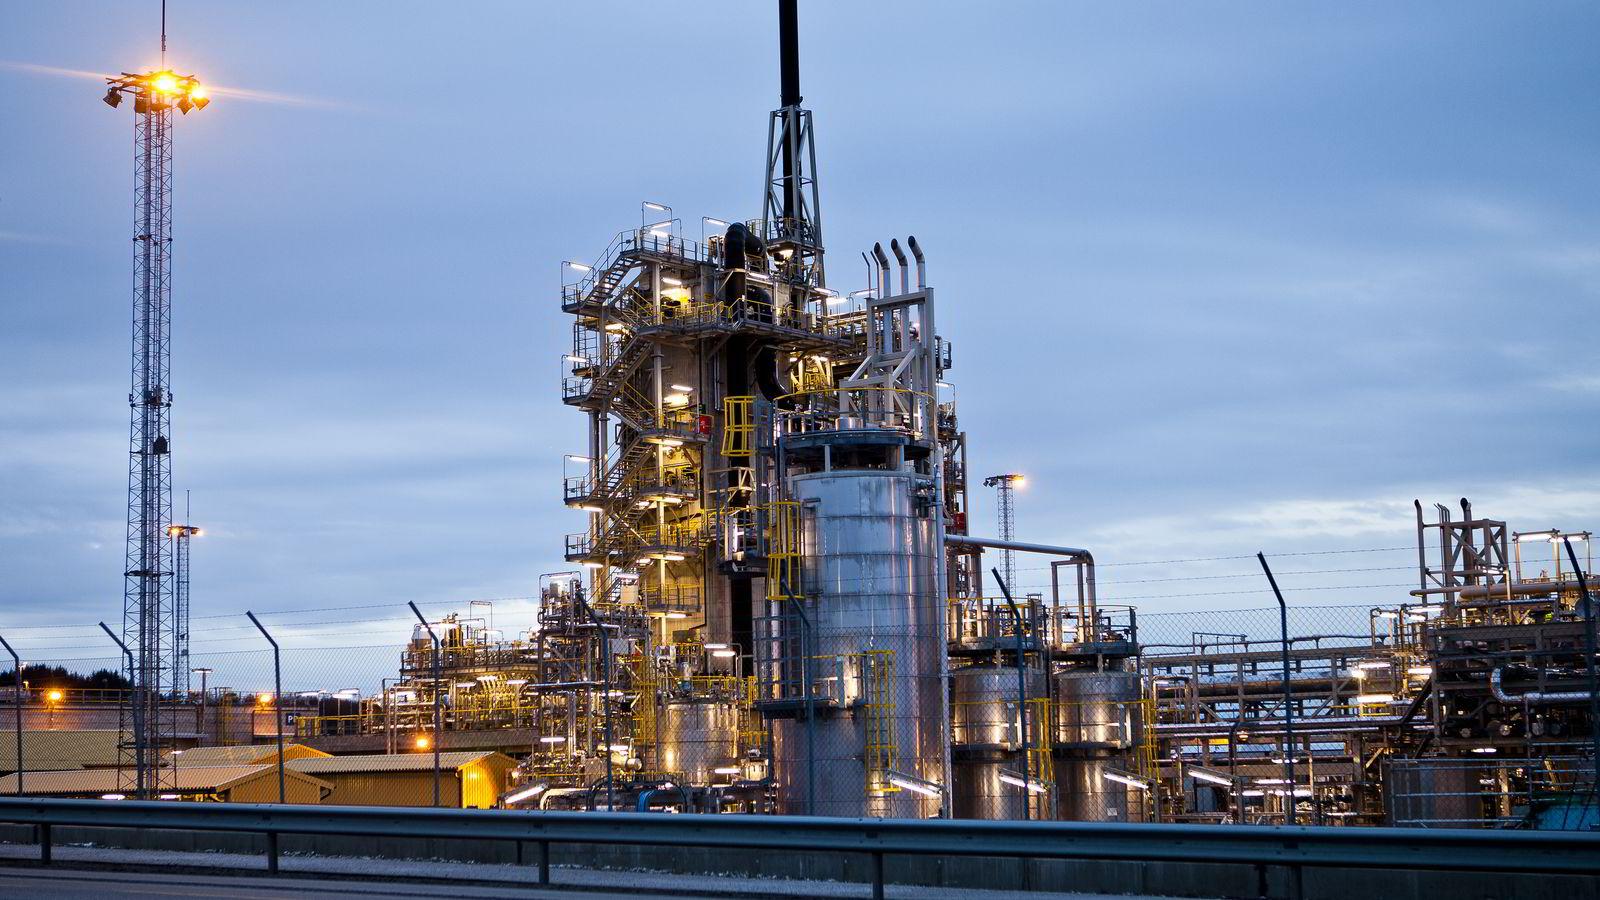 Anklager politikerne: Forskere ved NHH mener tradisjonelle metoder for å måle karbonutslipp gir kunstig lave tall. Illustrasjonsbilde fra oljeraffineriet på Mongstad.